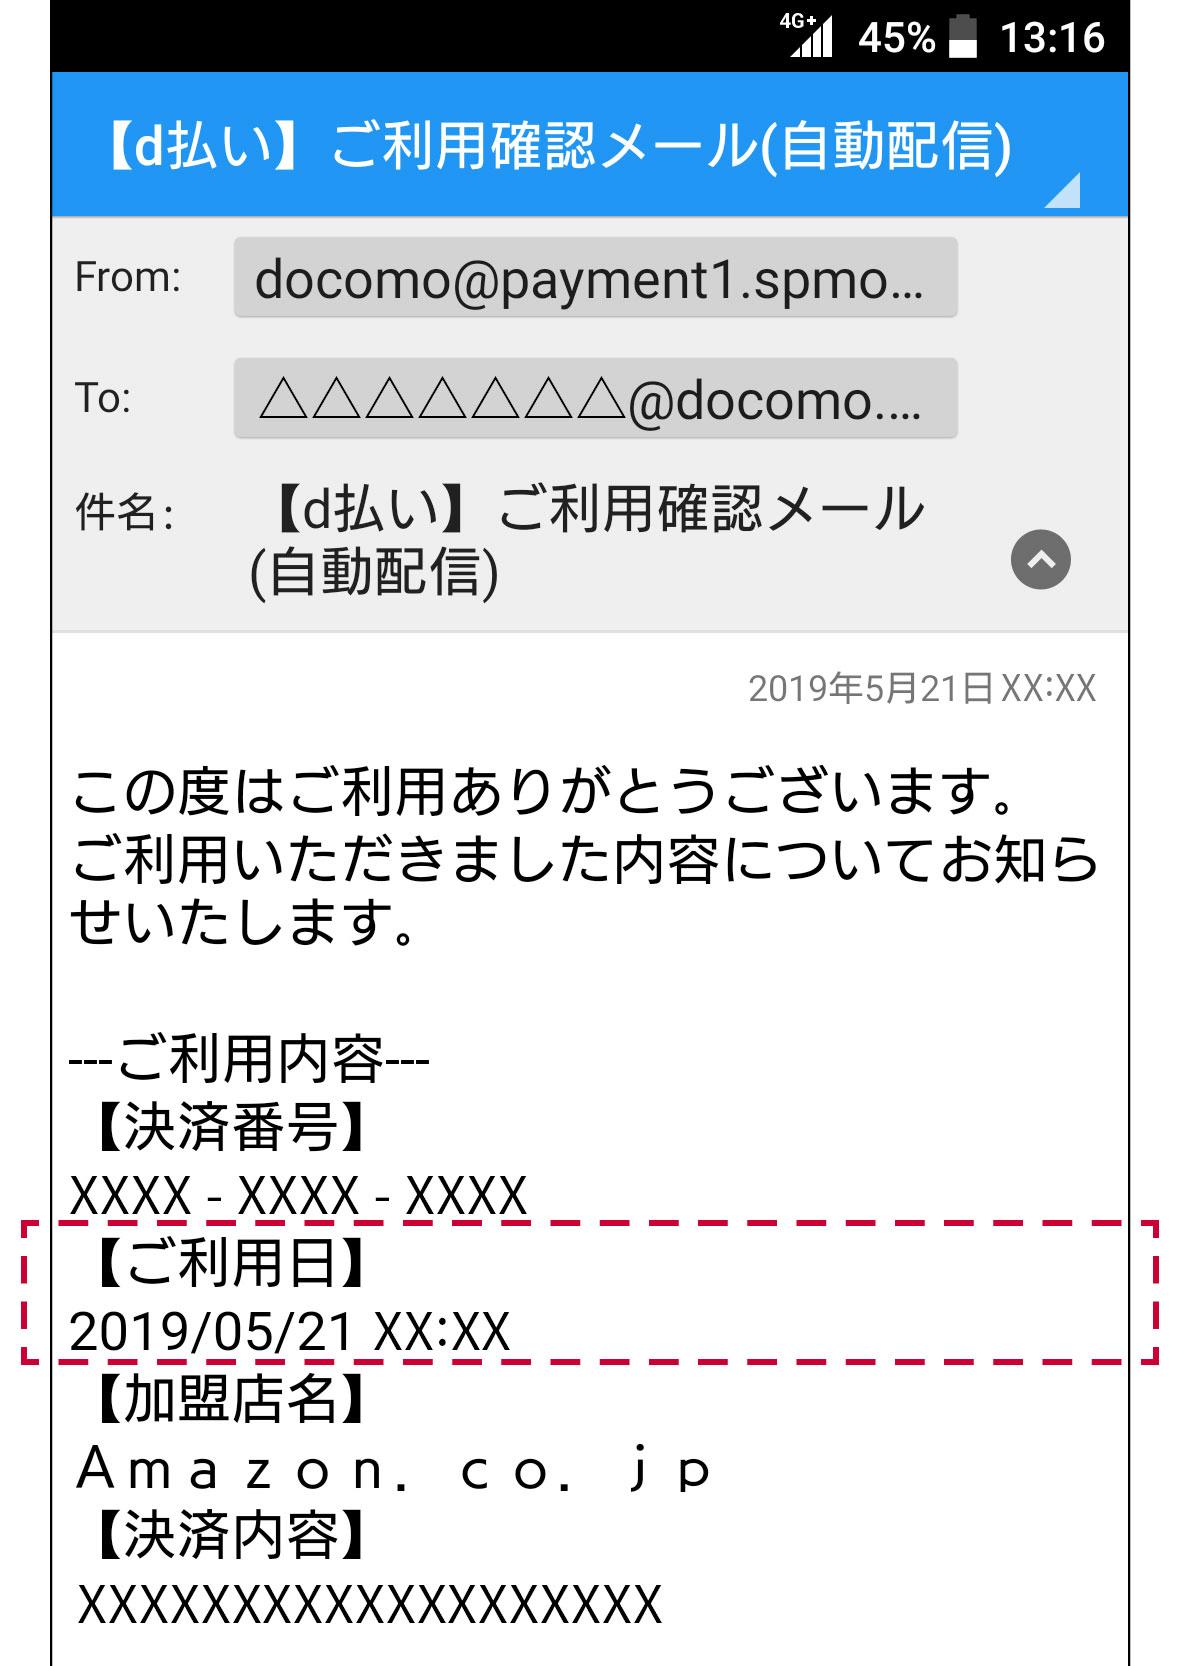 番号 日本 電話 アマゾン